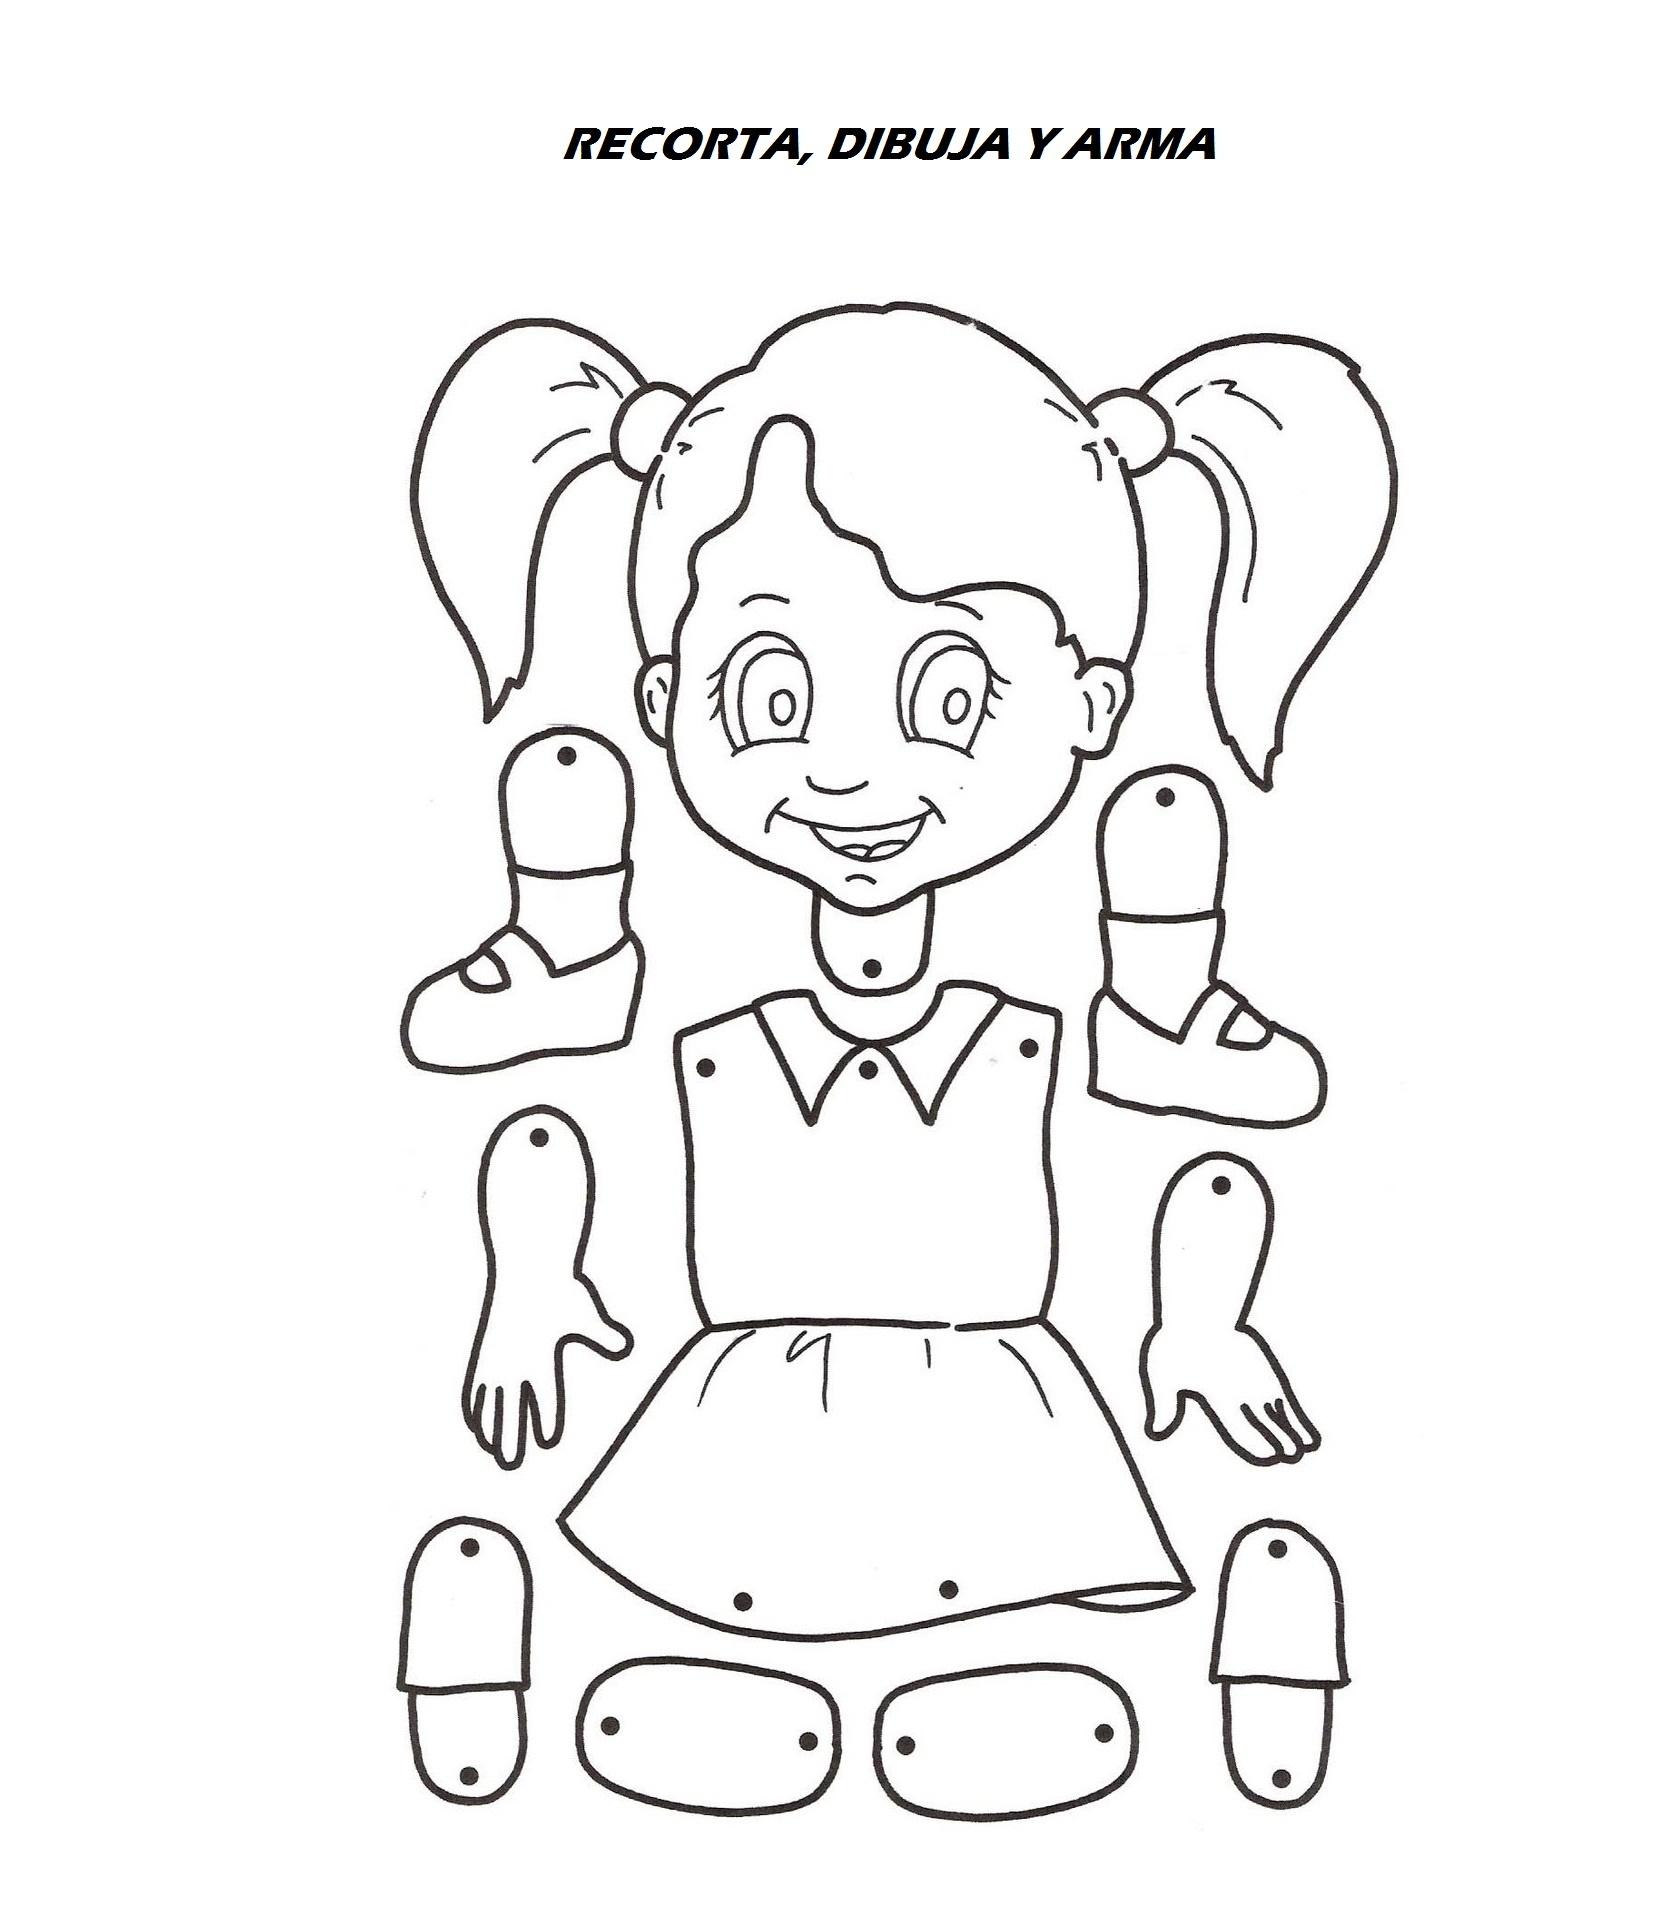 Asombroso El Libro Para Colorear De Cuerpo Humano Modelo - Dibujos ...